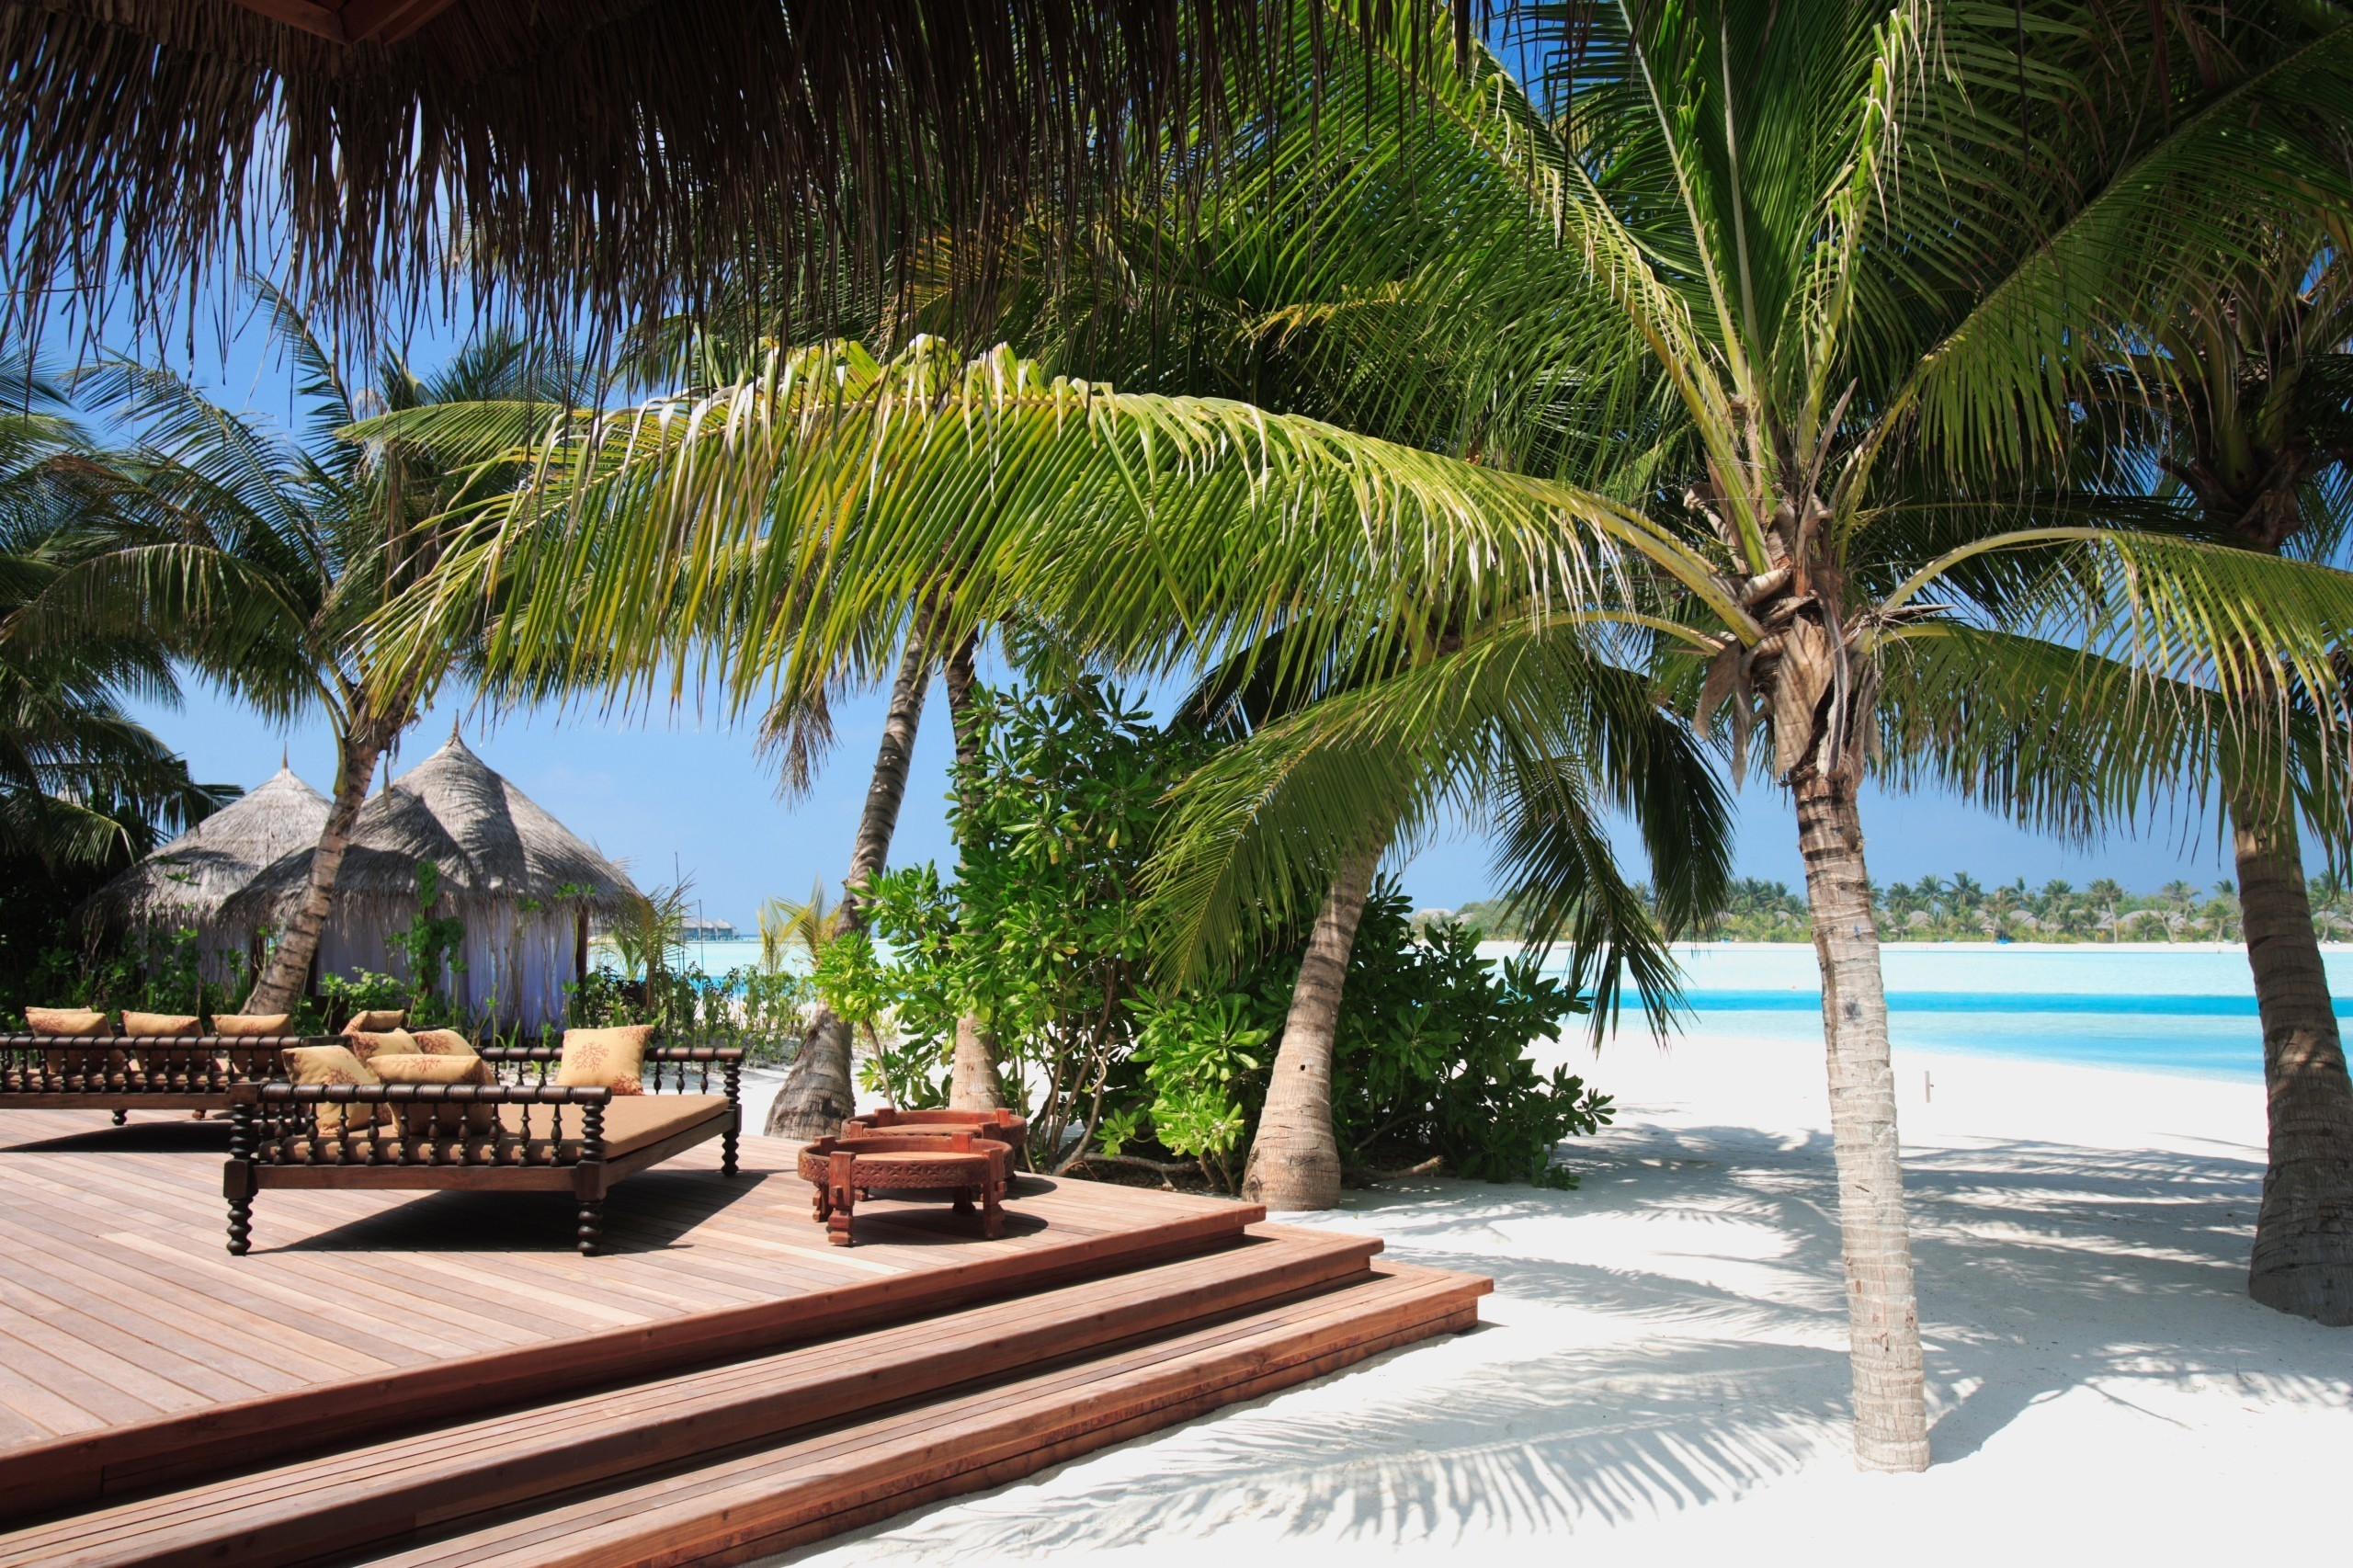 54570 Hintergrundbild 540x960 kostenlos auf deinem Handy, lade Bilder Natur, Strand, Sand, Palme, Palm, Tropen, Schritte, Sofas 540x960 auf dein Handy herunter